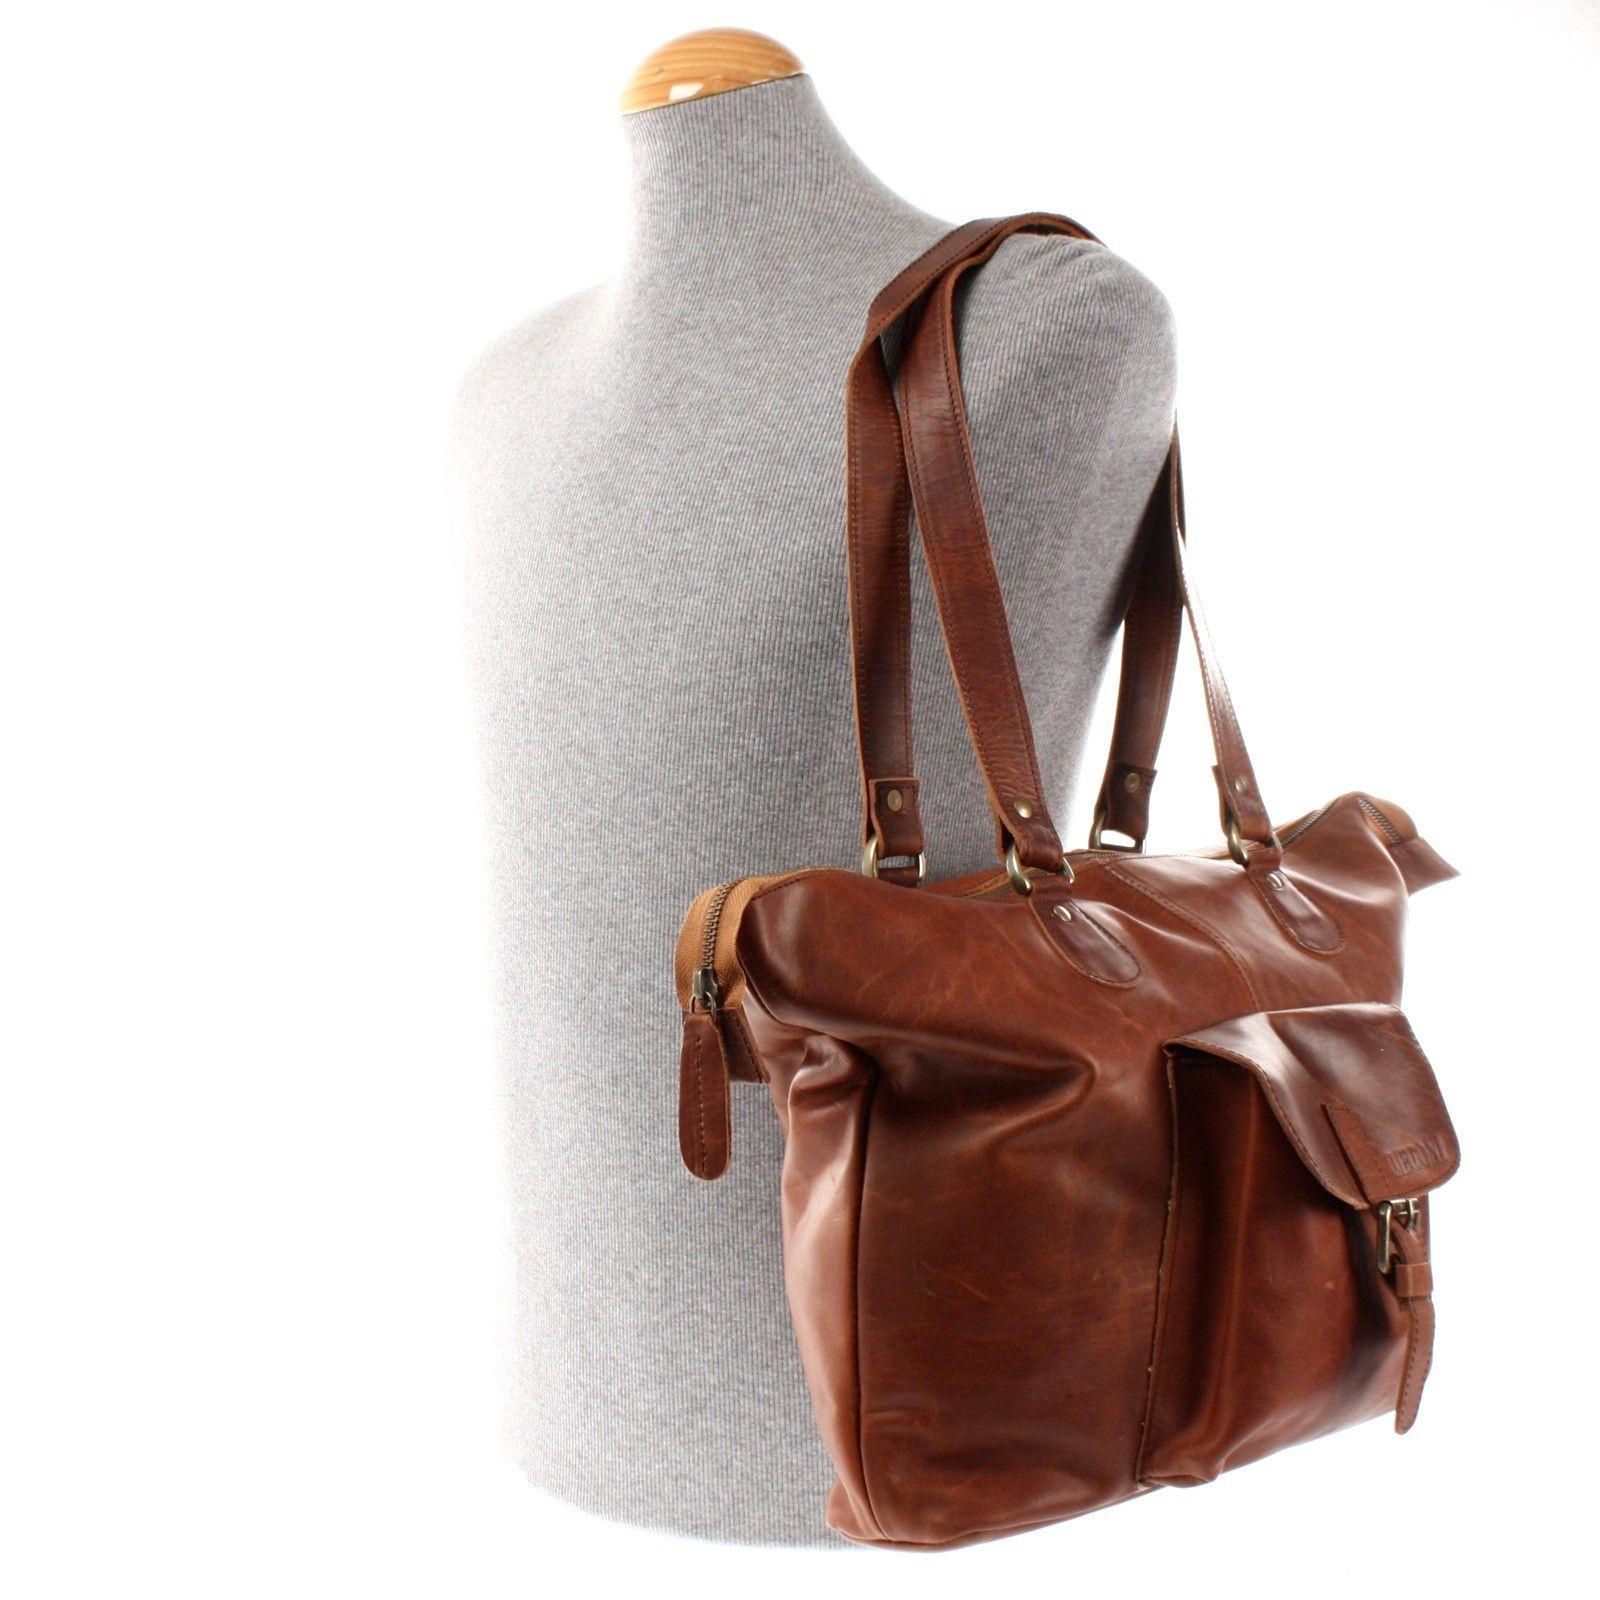 die besten 25 handtasche leder braun ideen auf pinterest braune lederhandtaschen handtasche. Black Bedroom Furniture Sets. Home Design Ideas